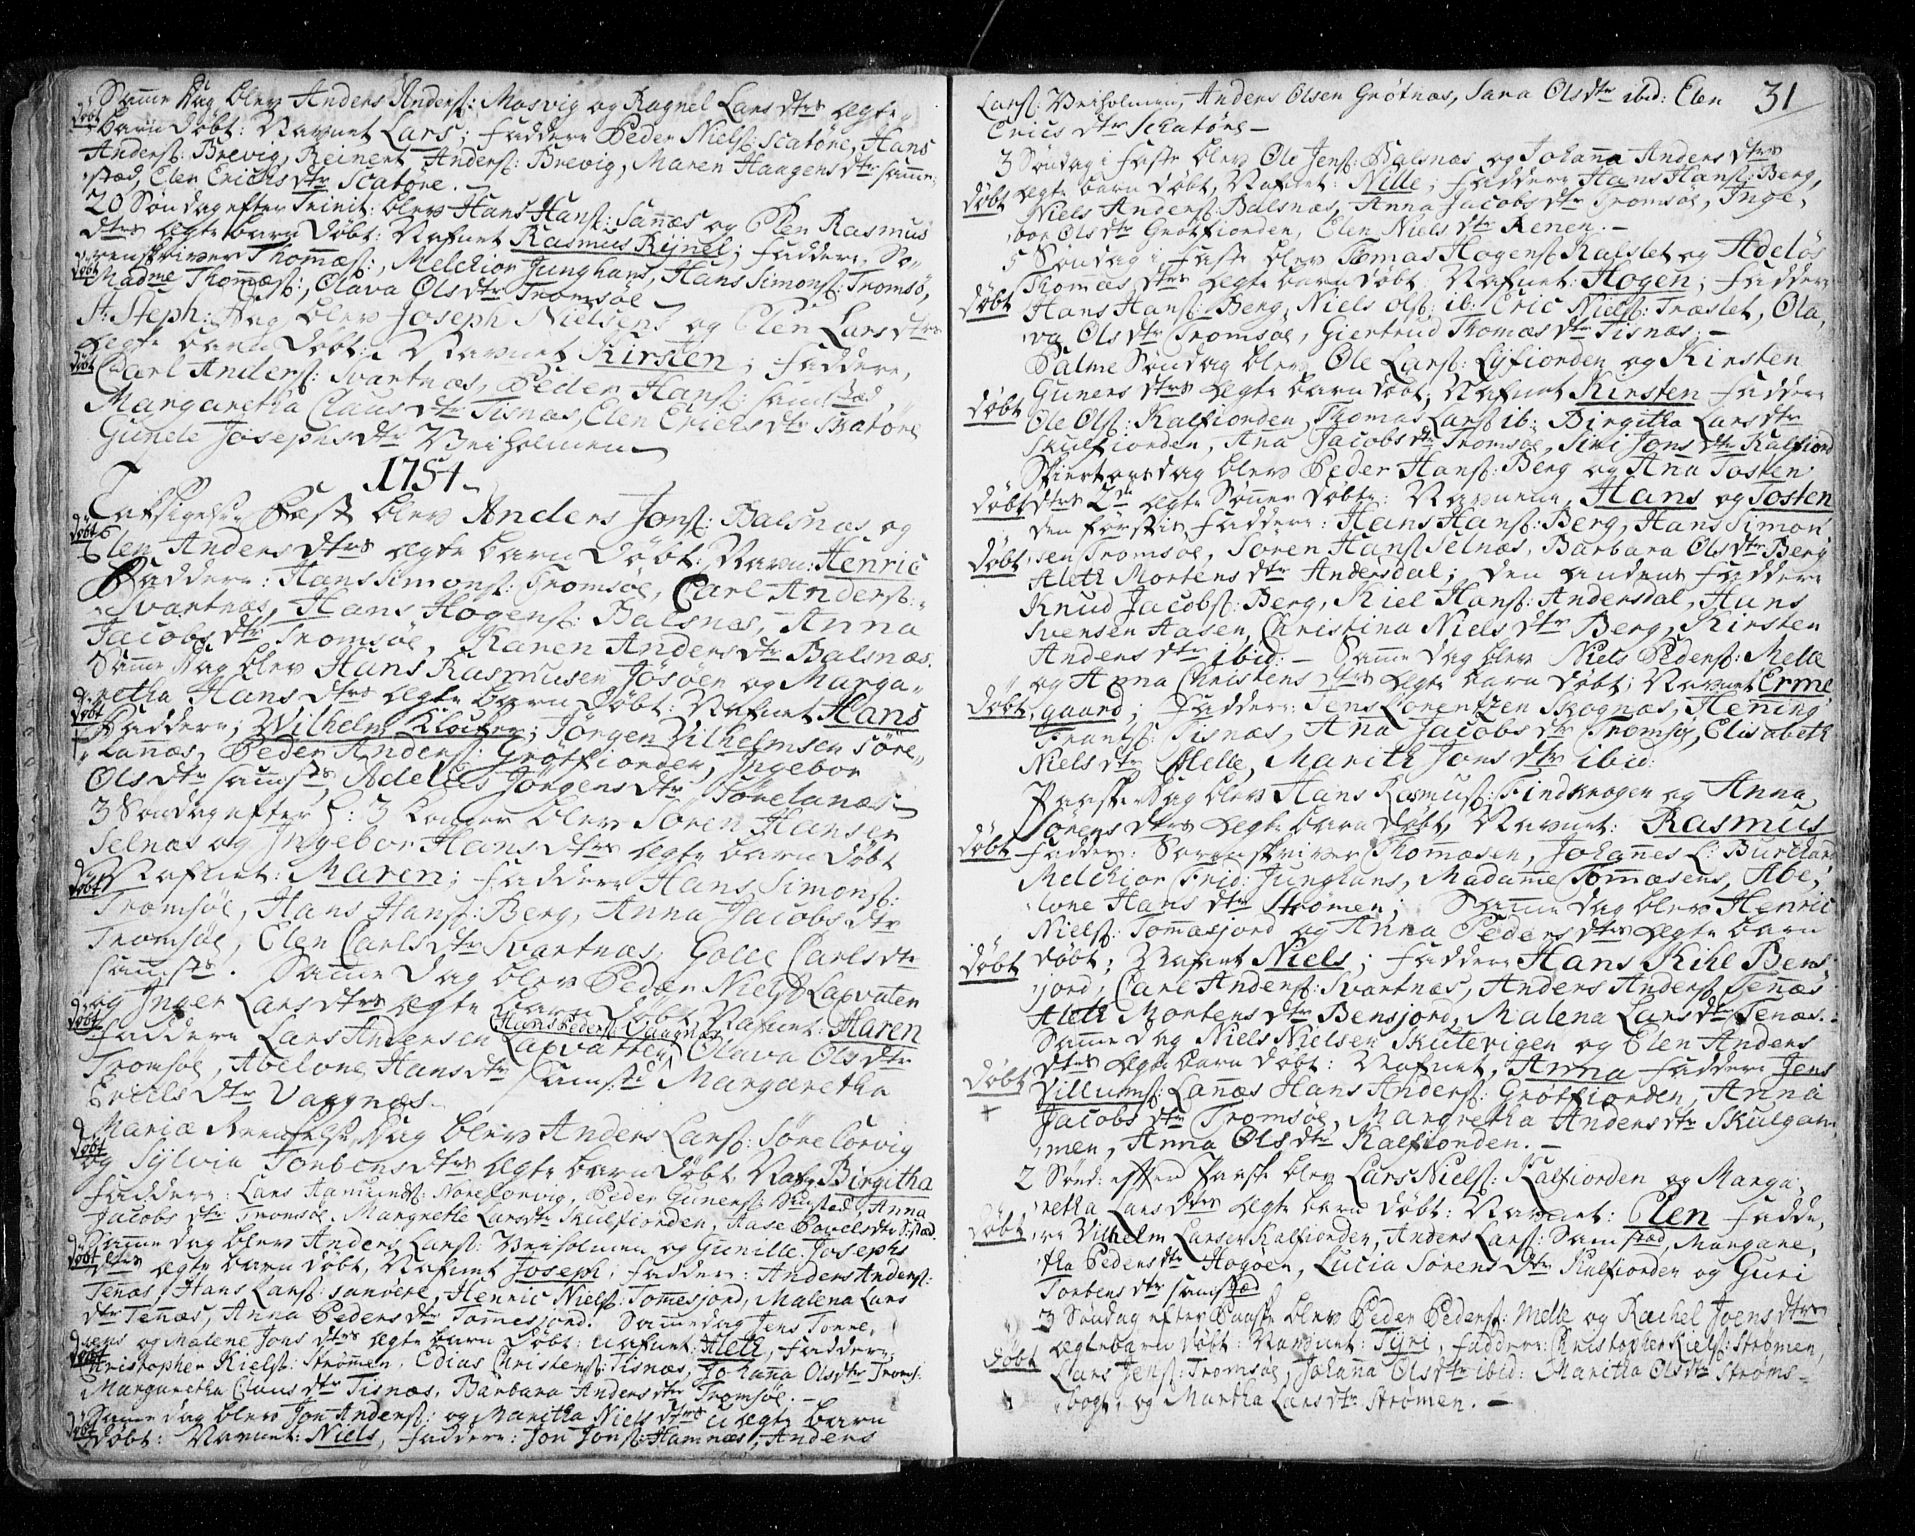 SATØ, Tromsø sokneprestkontor/stiftsprosti/domprosti, G/Ga/L0002kirke: Ministerialbok nr. 2, 1753-1778, s. 31